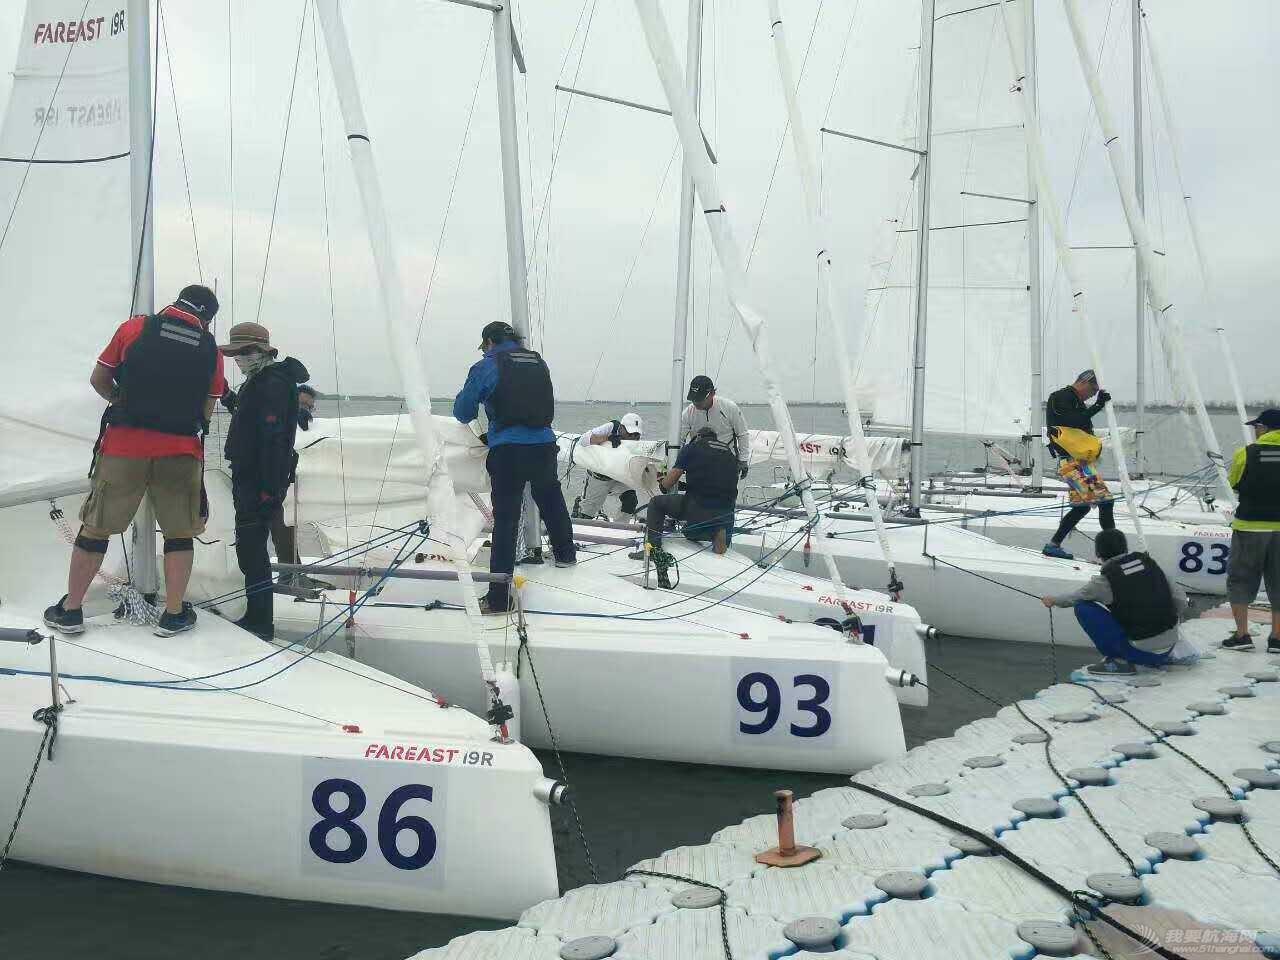 会员,联赛,我们,可惜,岸边 上海海尚帆友俱乐部会员联赛  103952lh2egq3g9e9tj5z0